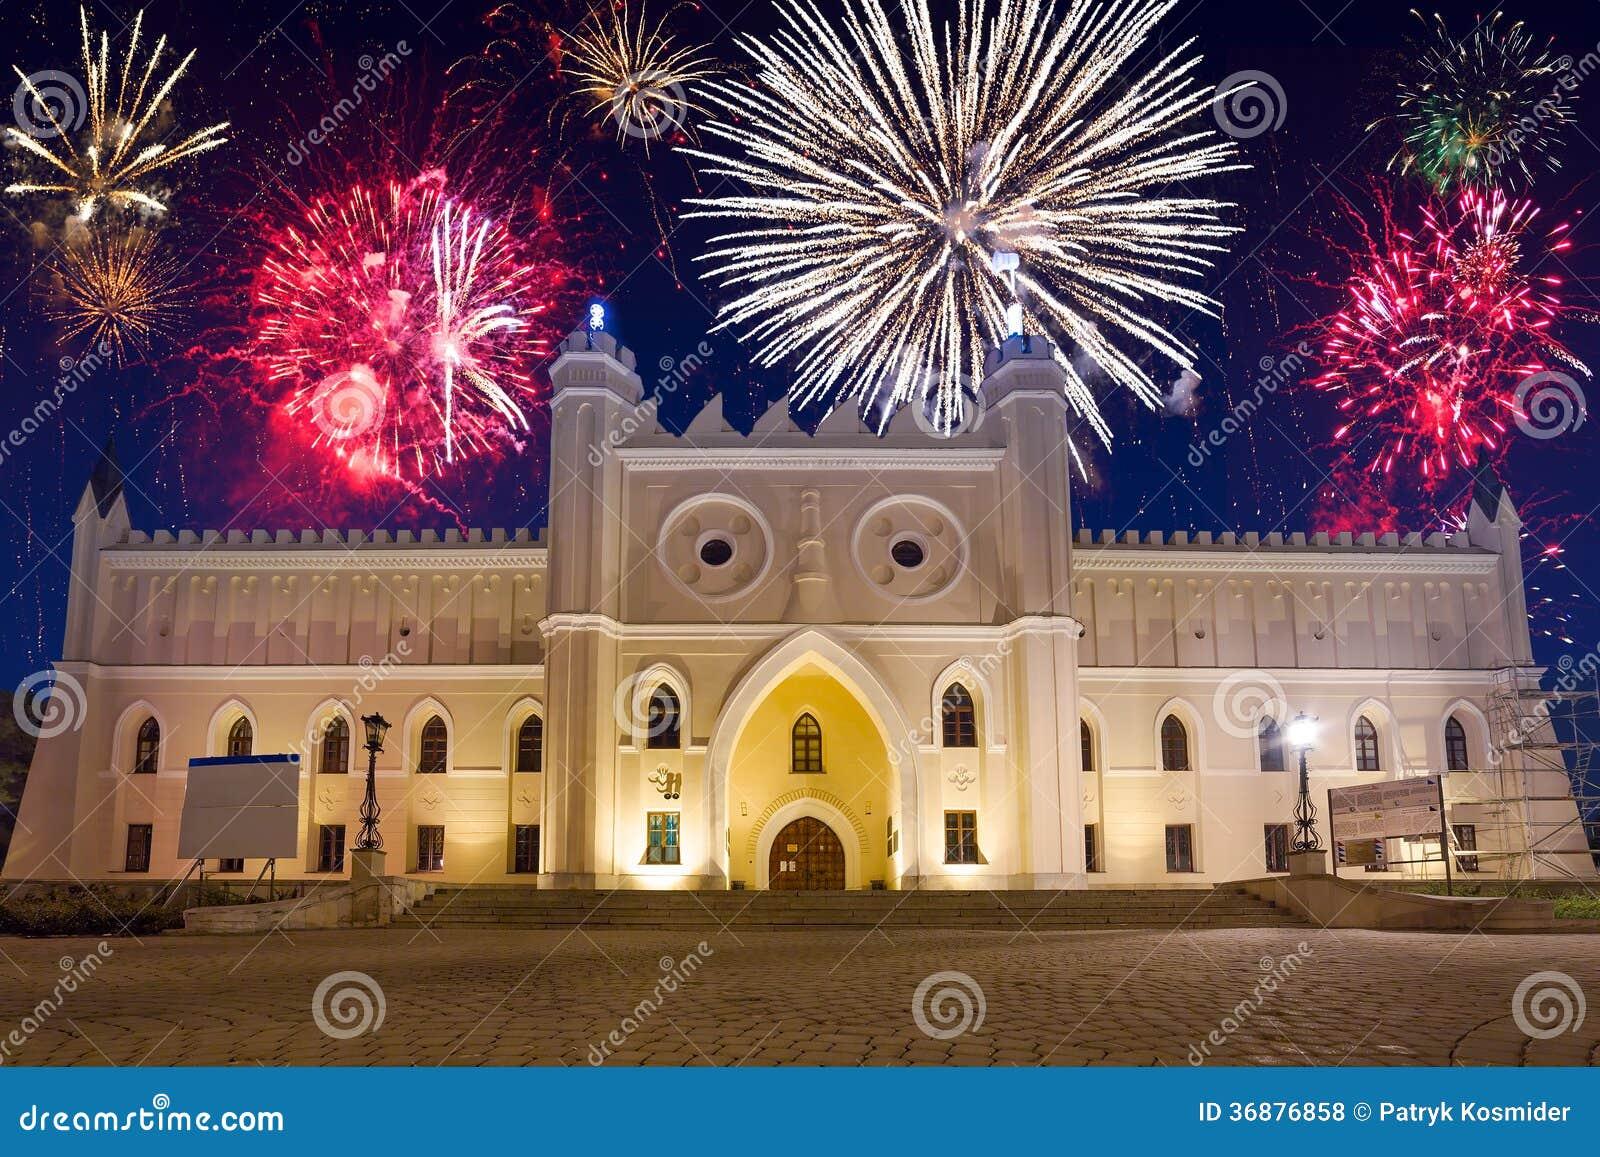 Download Esposizione Del Fuoco D'artificio Sopra Il Castello A Lublino Fotografia Stock - Immagine di festa, esterno: 36876858